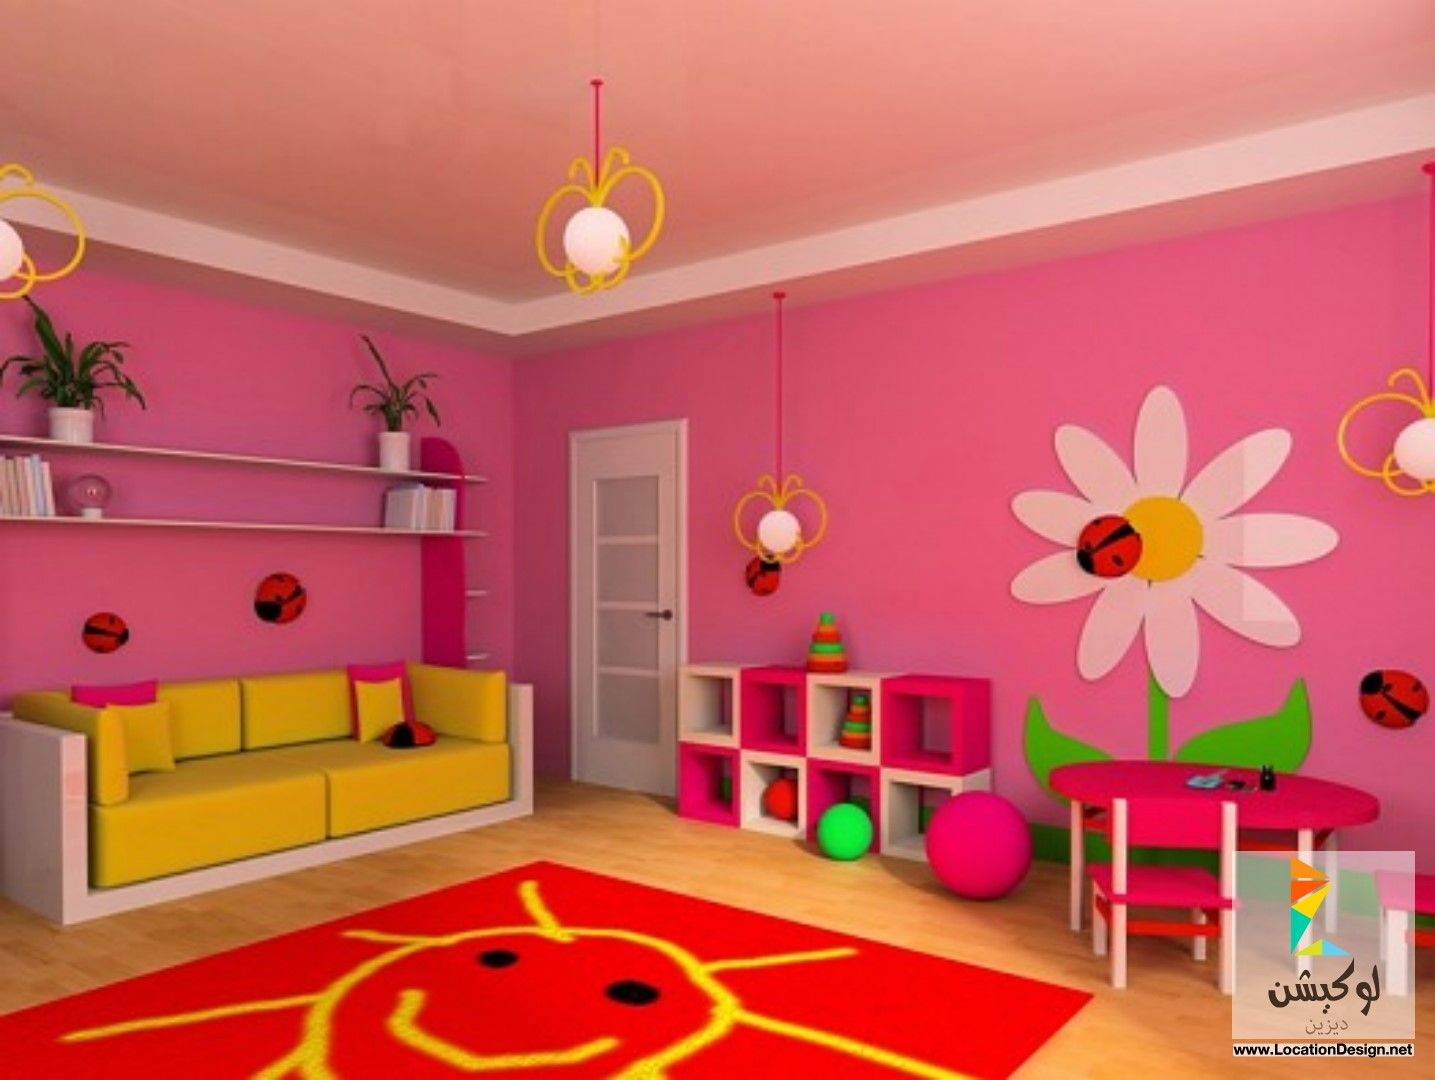 بالصور الوان غرف نوم اطفال , اجدد الوان وتصاميم غرفه نوم طفلك 151 1